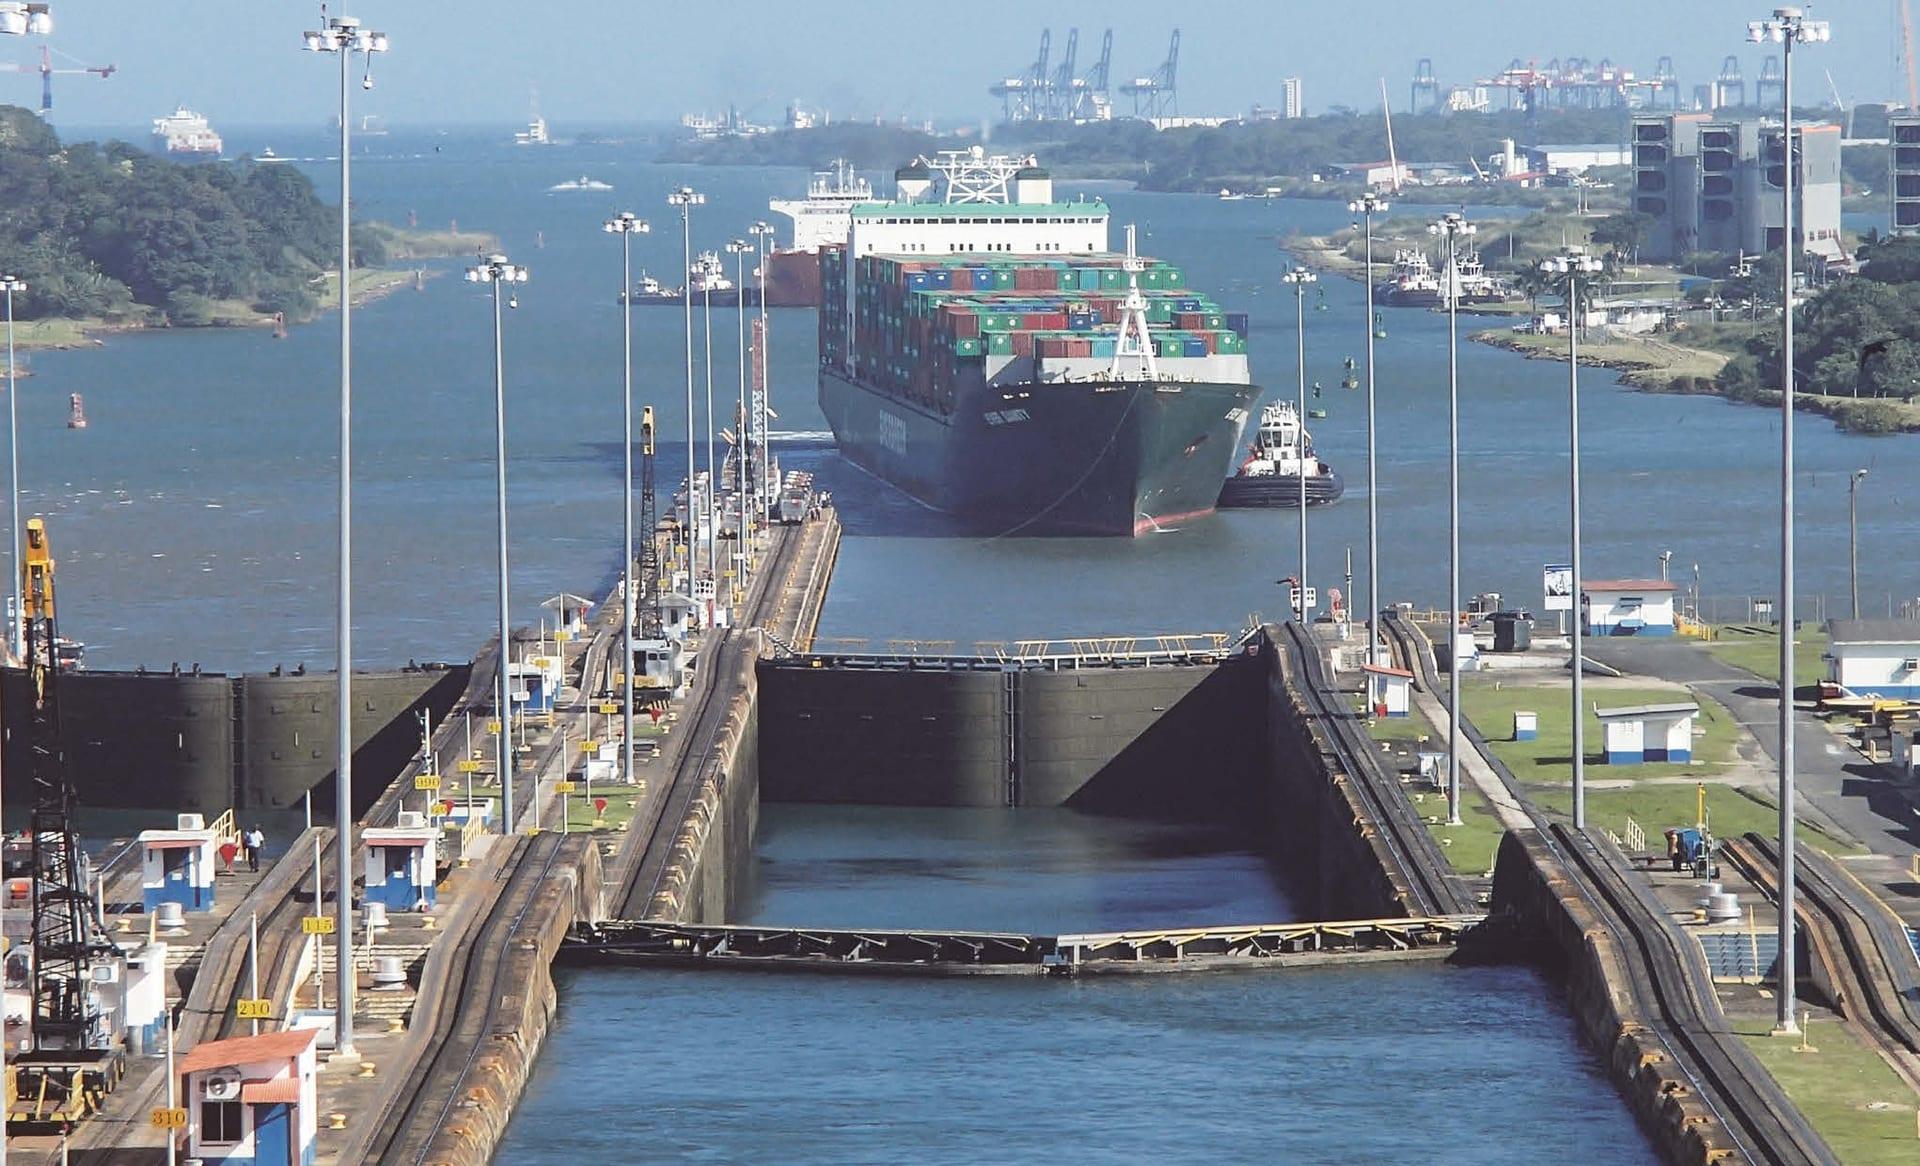 パナマ運河 - gooブログはじめました!